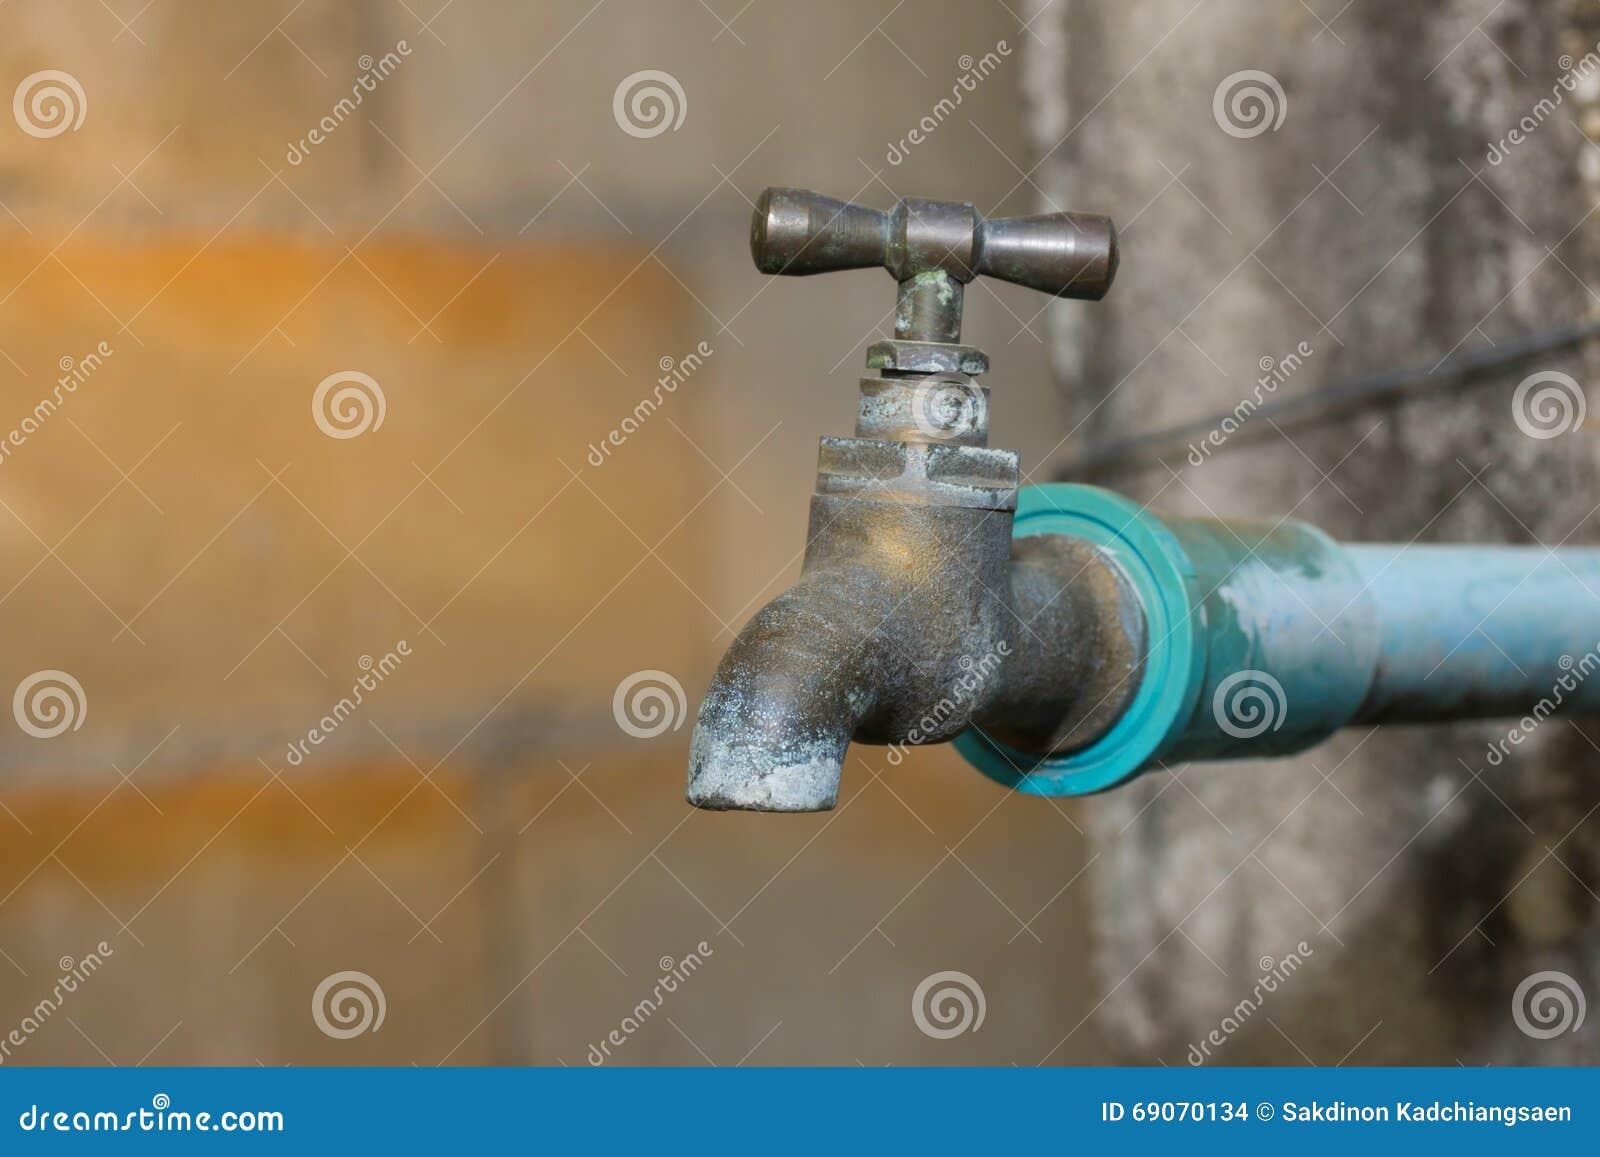 Deixe cair, para apreciar o valor da água